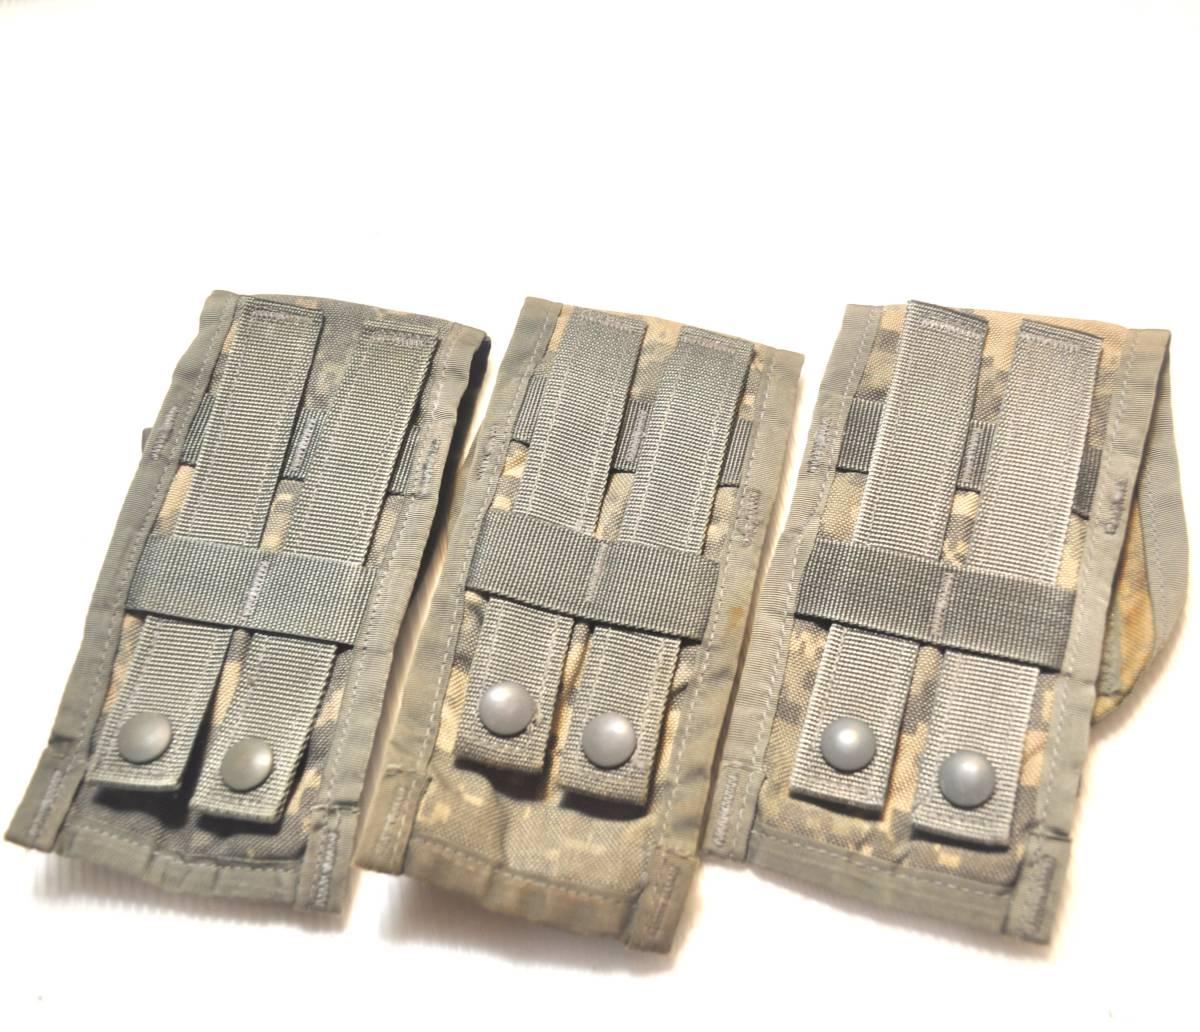 実物 US ARMY 米軍放出品 ACU デジタル迷彩 MOLLE M4 M16 HK416シリーズ用 ダブルマガジンポーチ 3つ 中古 A_画像2